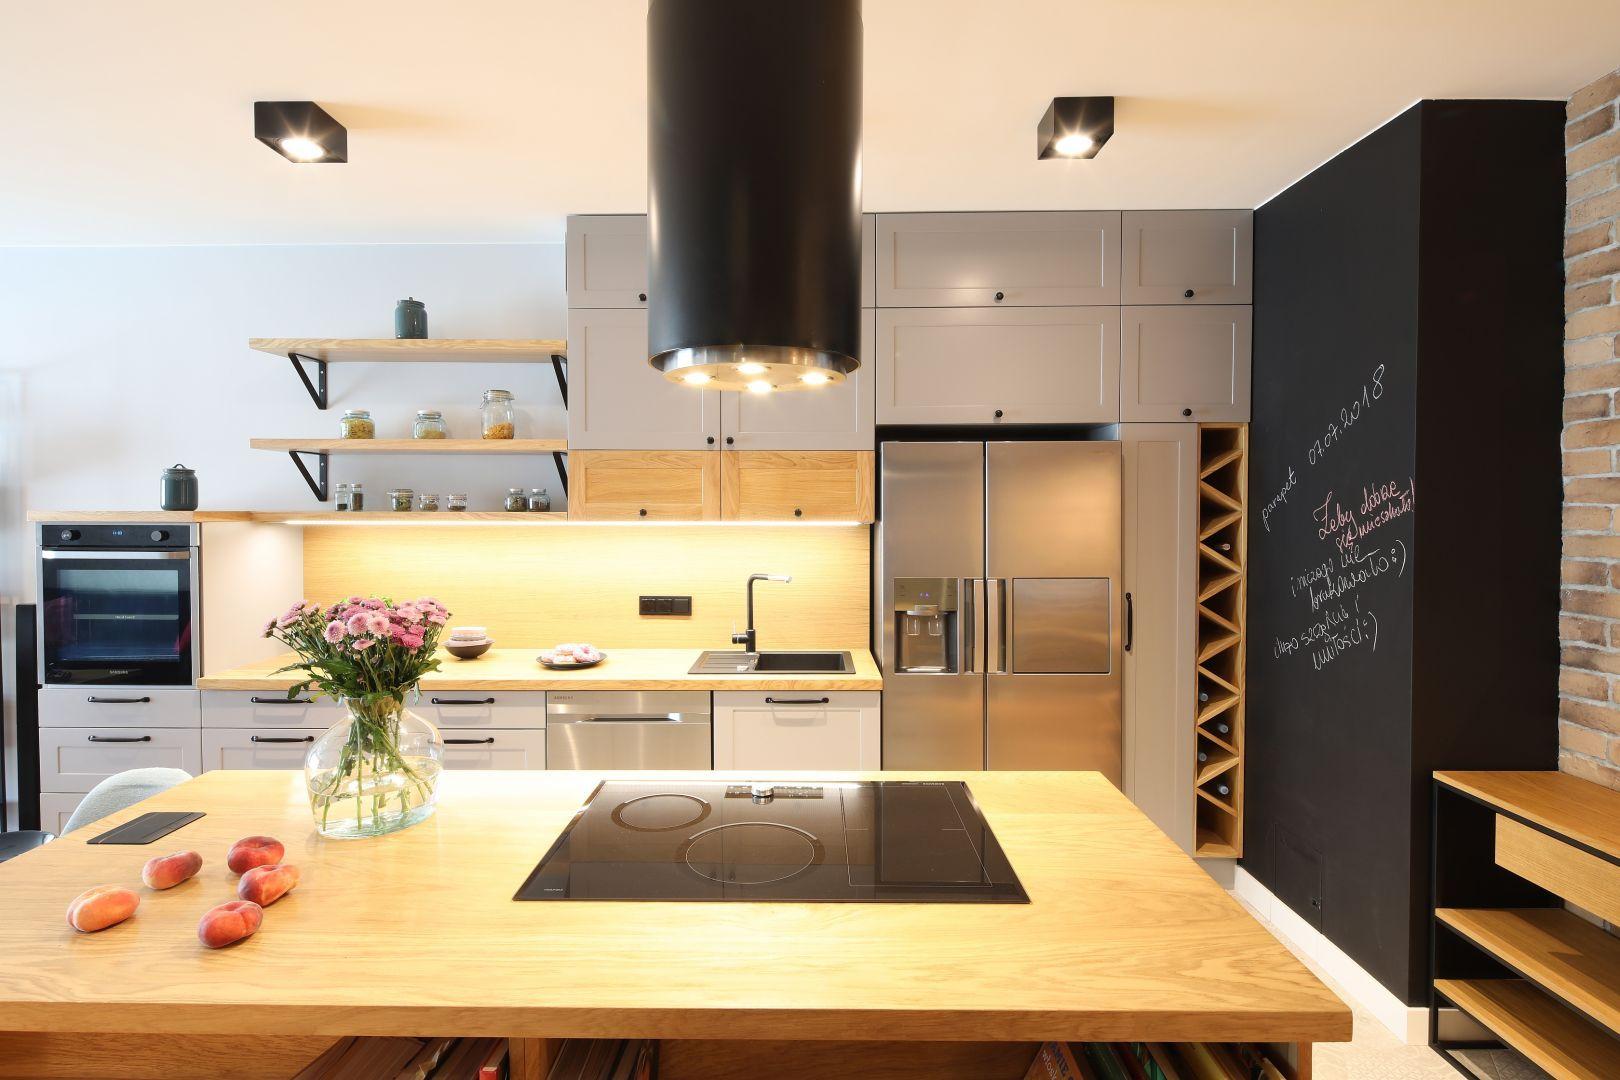 Kuchnia Z Wyspa Zobacz Gotowy Projekt Wnetrza Galeria Dobrzemieszkaj Pl Home Decor Decor Breakfast Bar